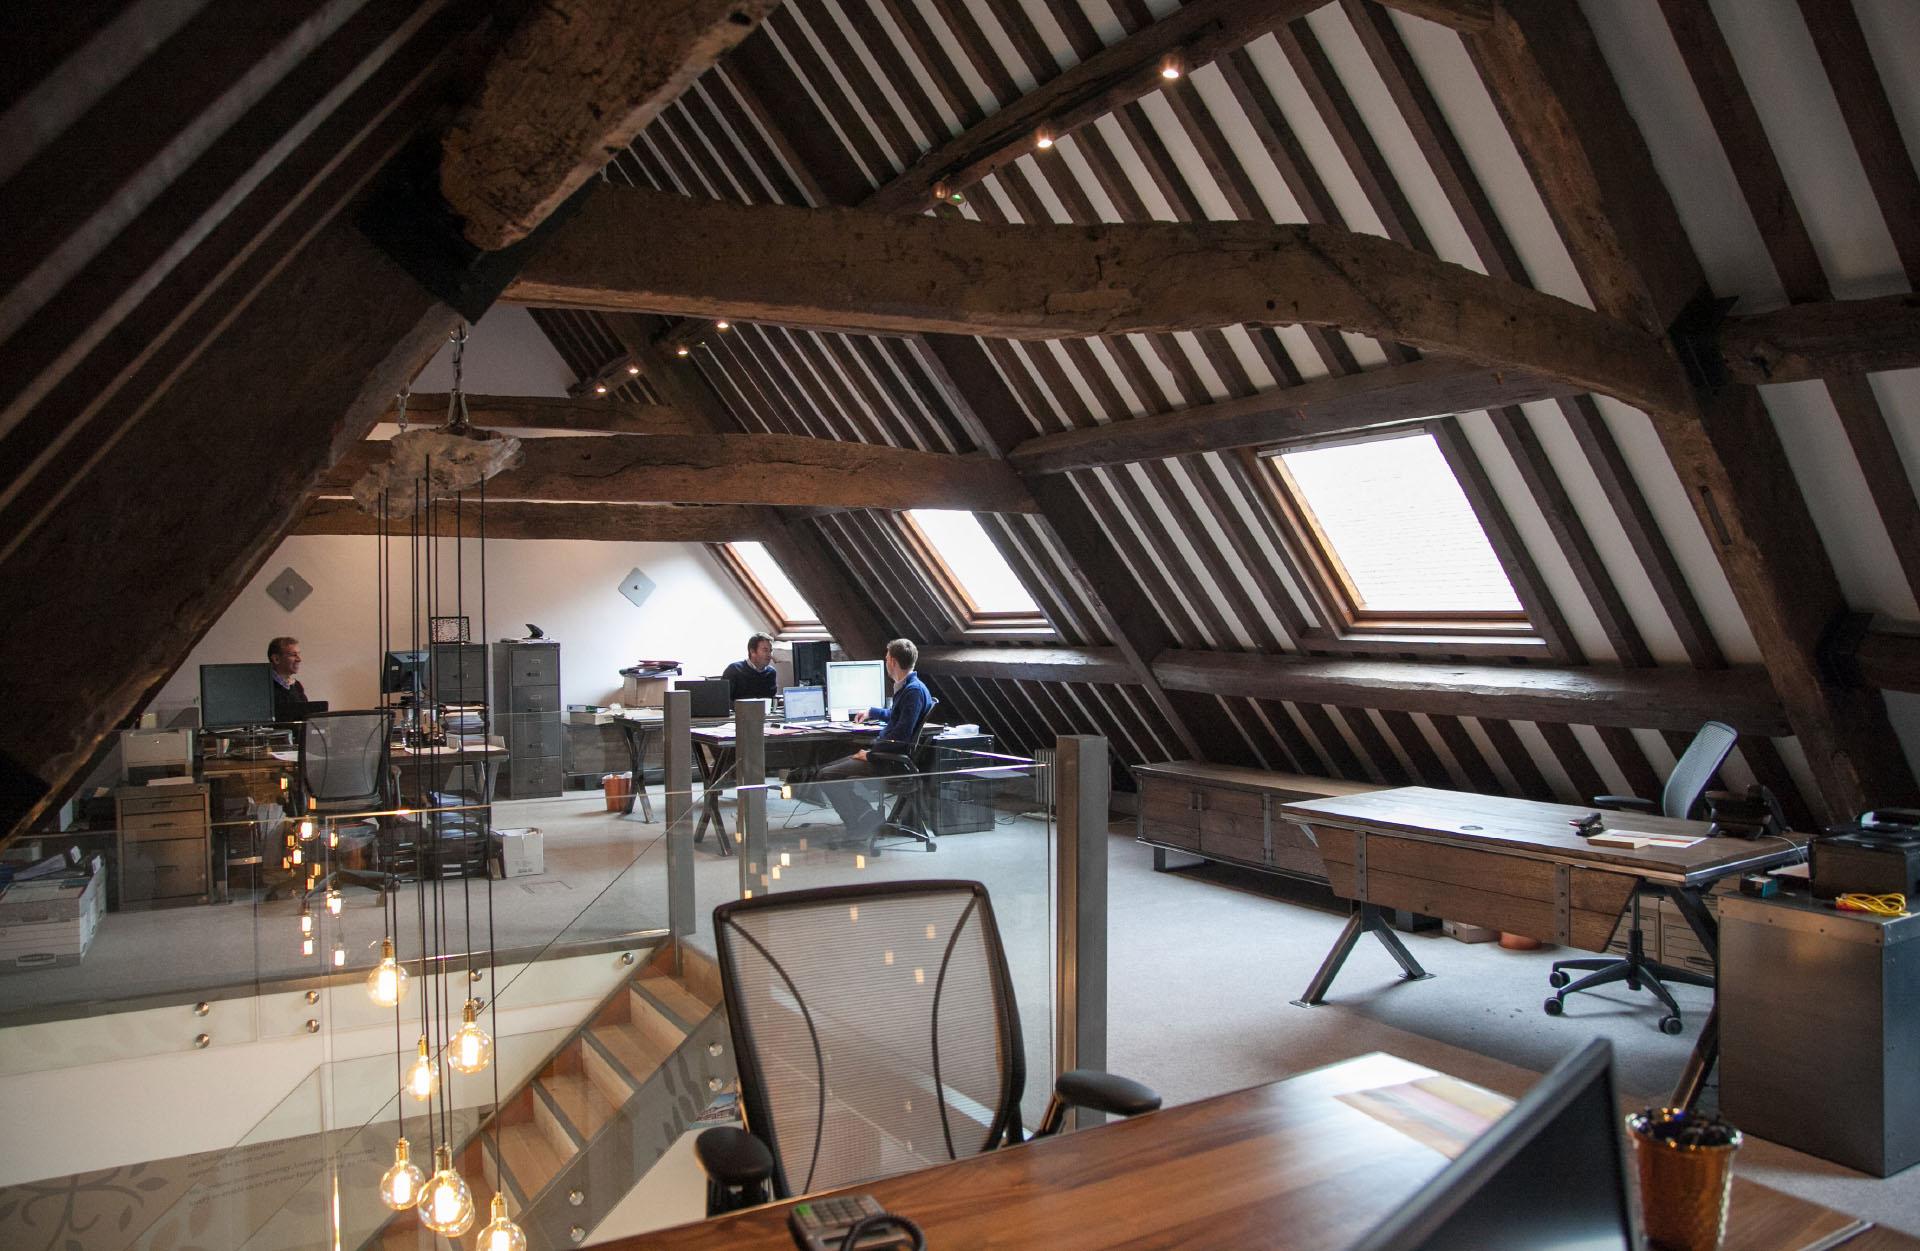 Habitat-First-Barn-Conversion-Office-Interior